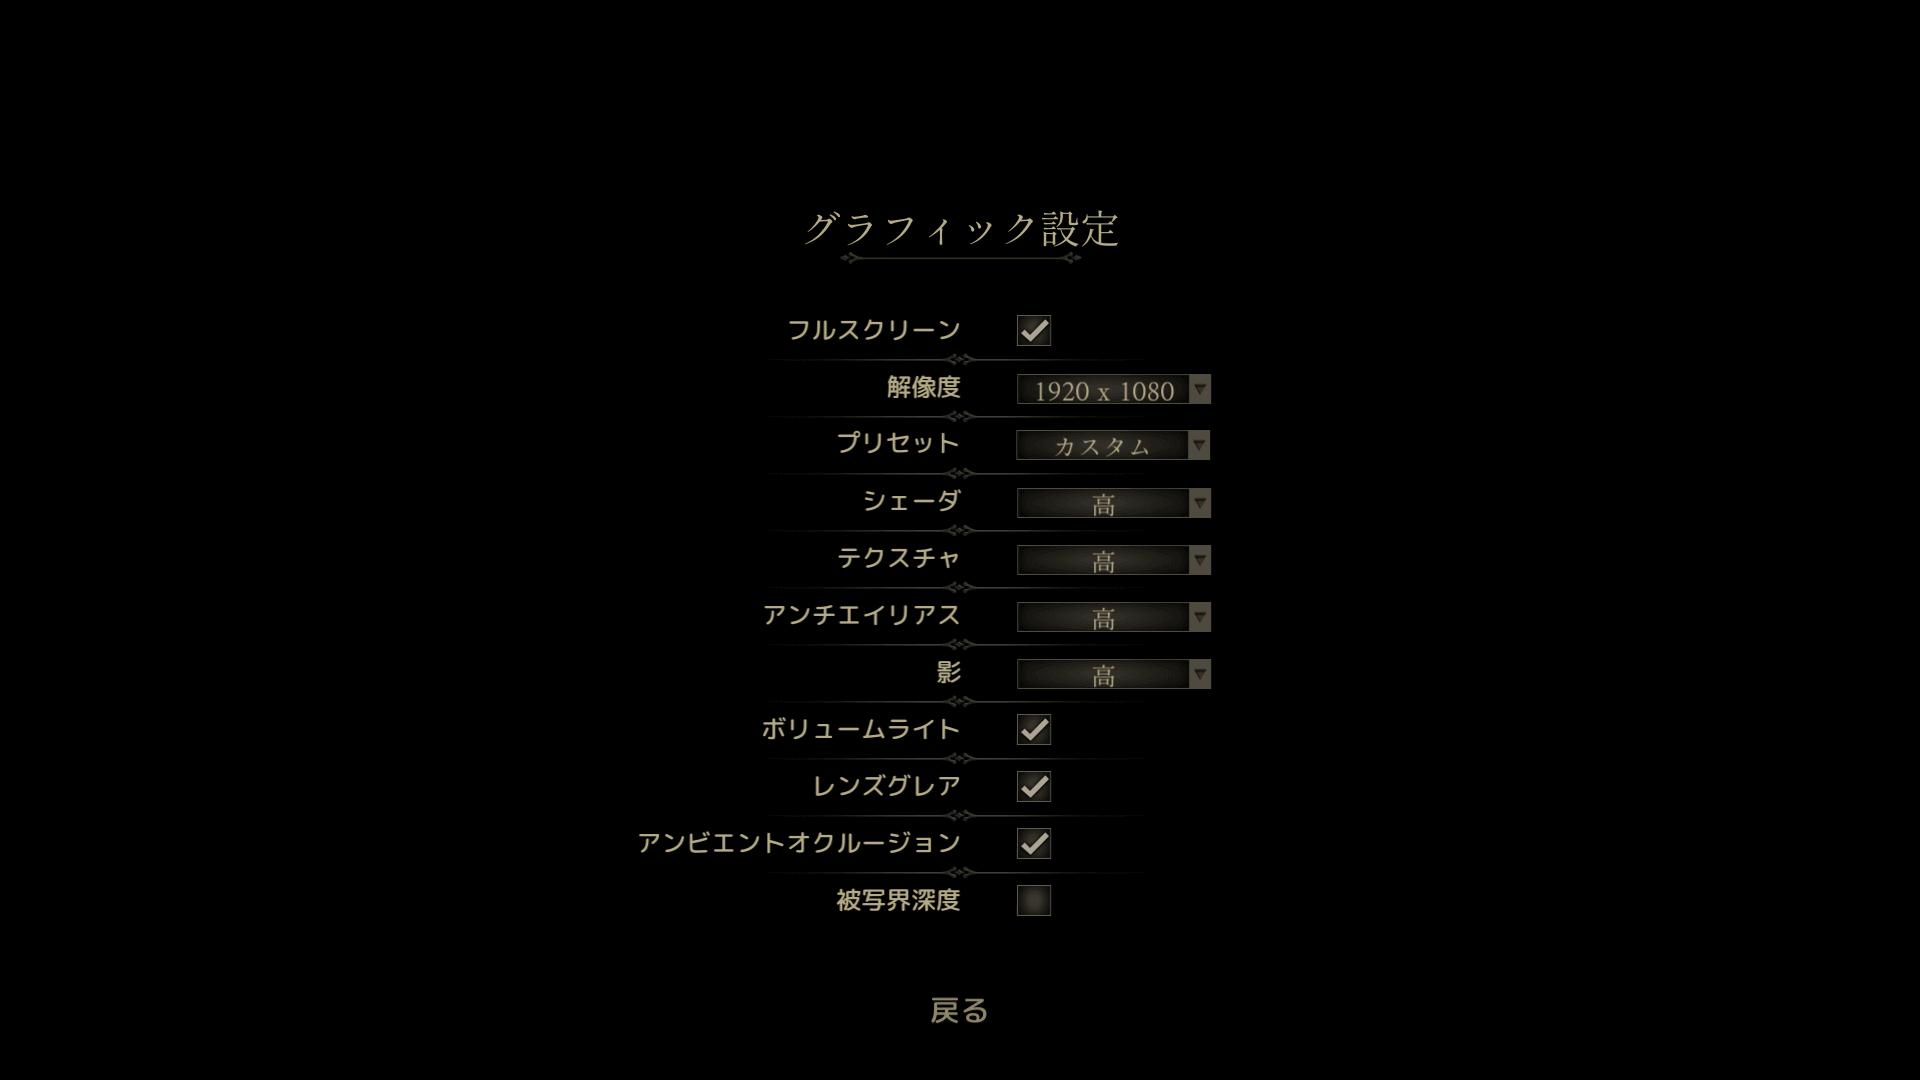 PC ゲーム The Room 日本語化メモ、PC ゲーム The Room フォント変更方法、rounded-mgenplus-1p-medium.ttf(Rounded Mgen+ 1p medium)を OldTimAme.ttf にリネーム、GenEiChikugoMin2-R.ttf(源暎ちくご明朝 Ver 2.0)を TheRoom.ttf にリネームしたフォントファイルを UnityEX でインポート後のスクリーンショット